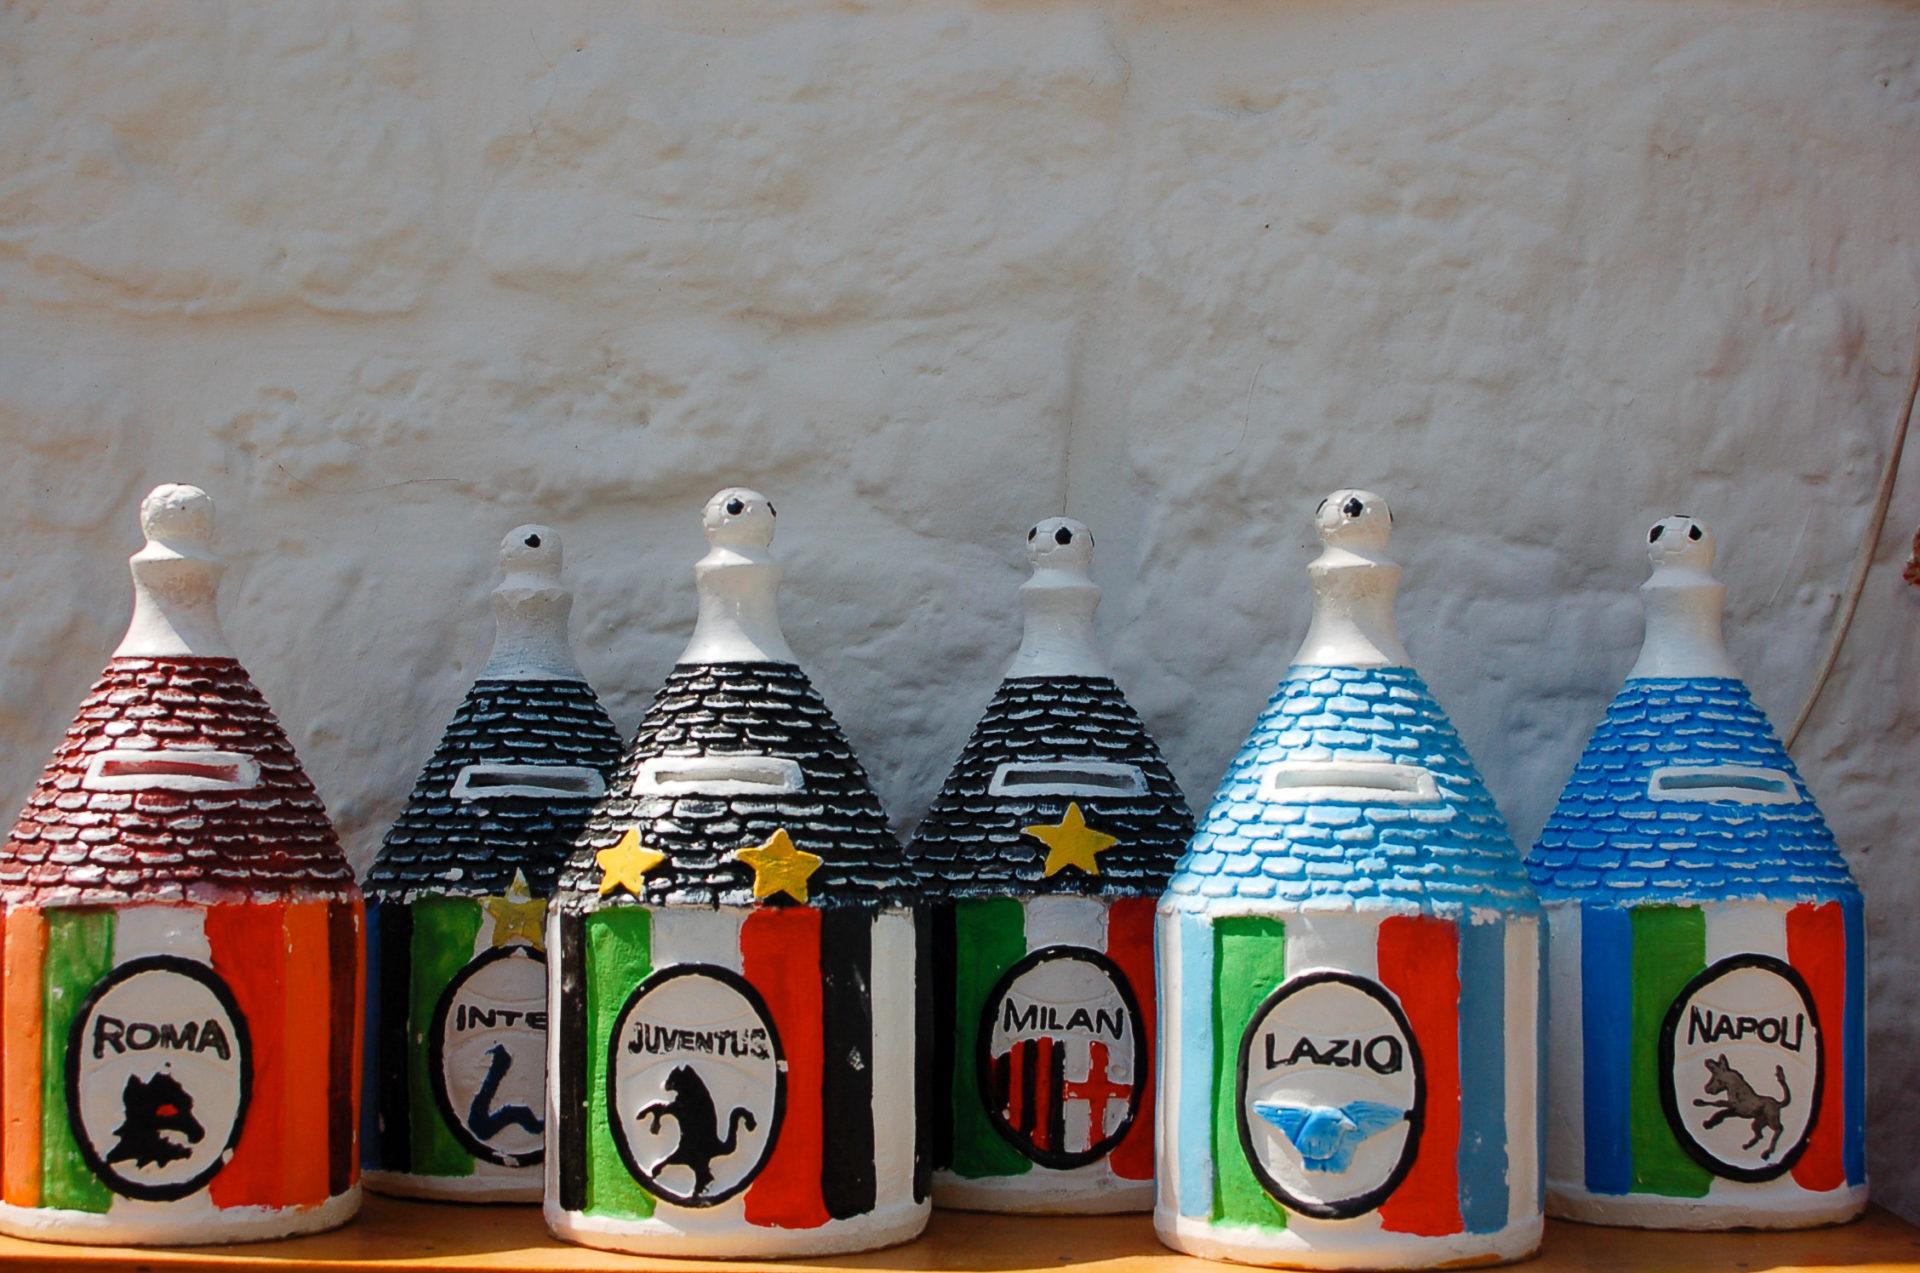 Trulli in Apulien gibt es auch als Spardosen mit den Logos der italienischen Fußballverein